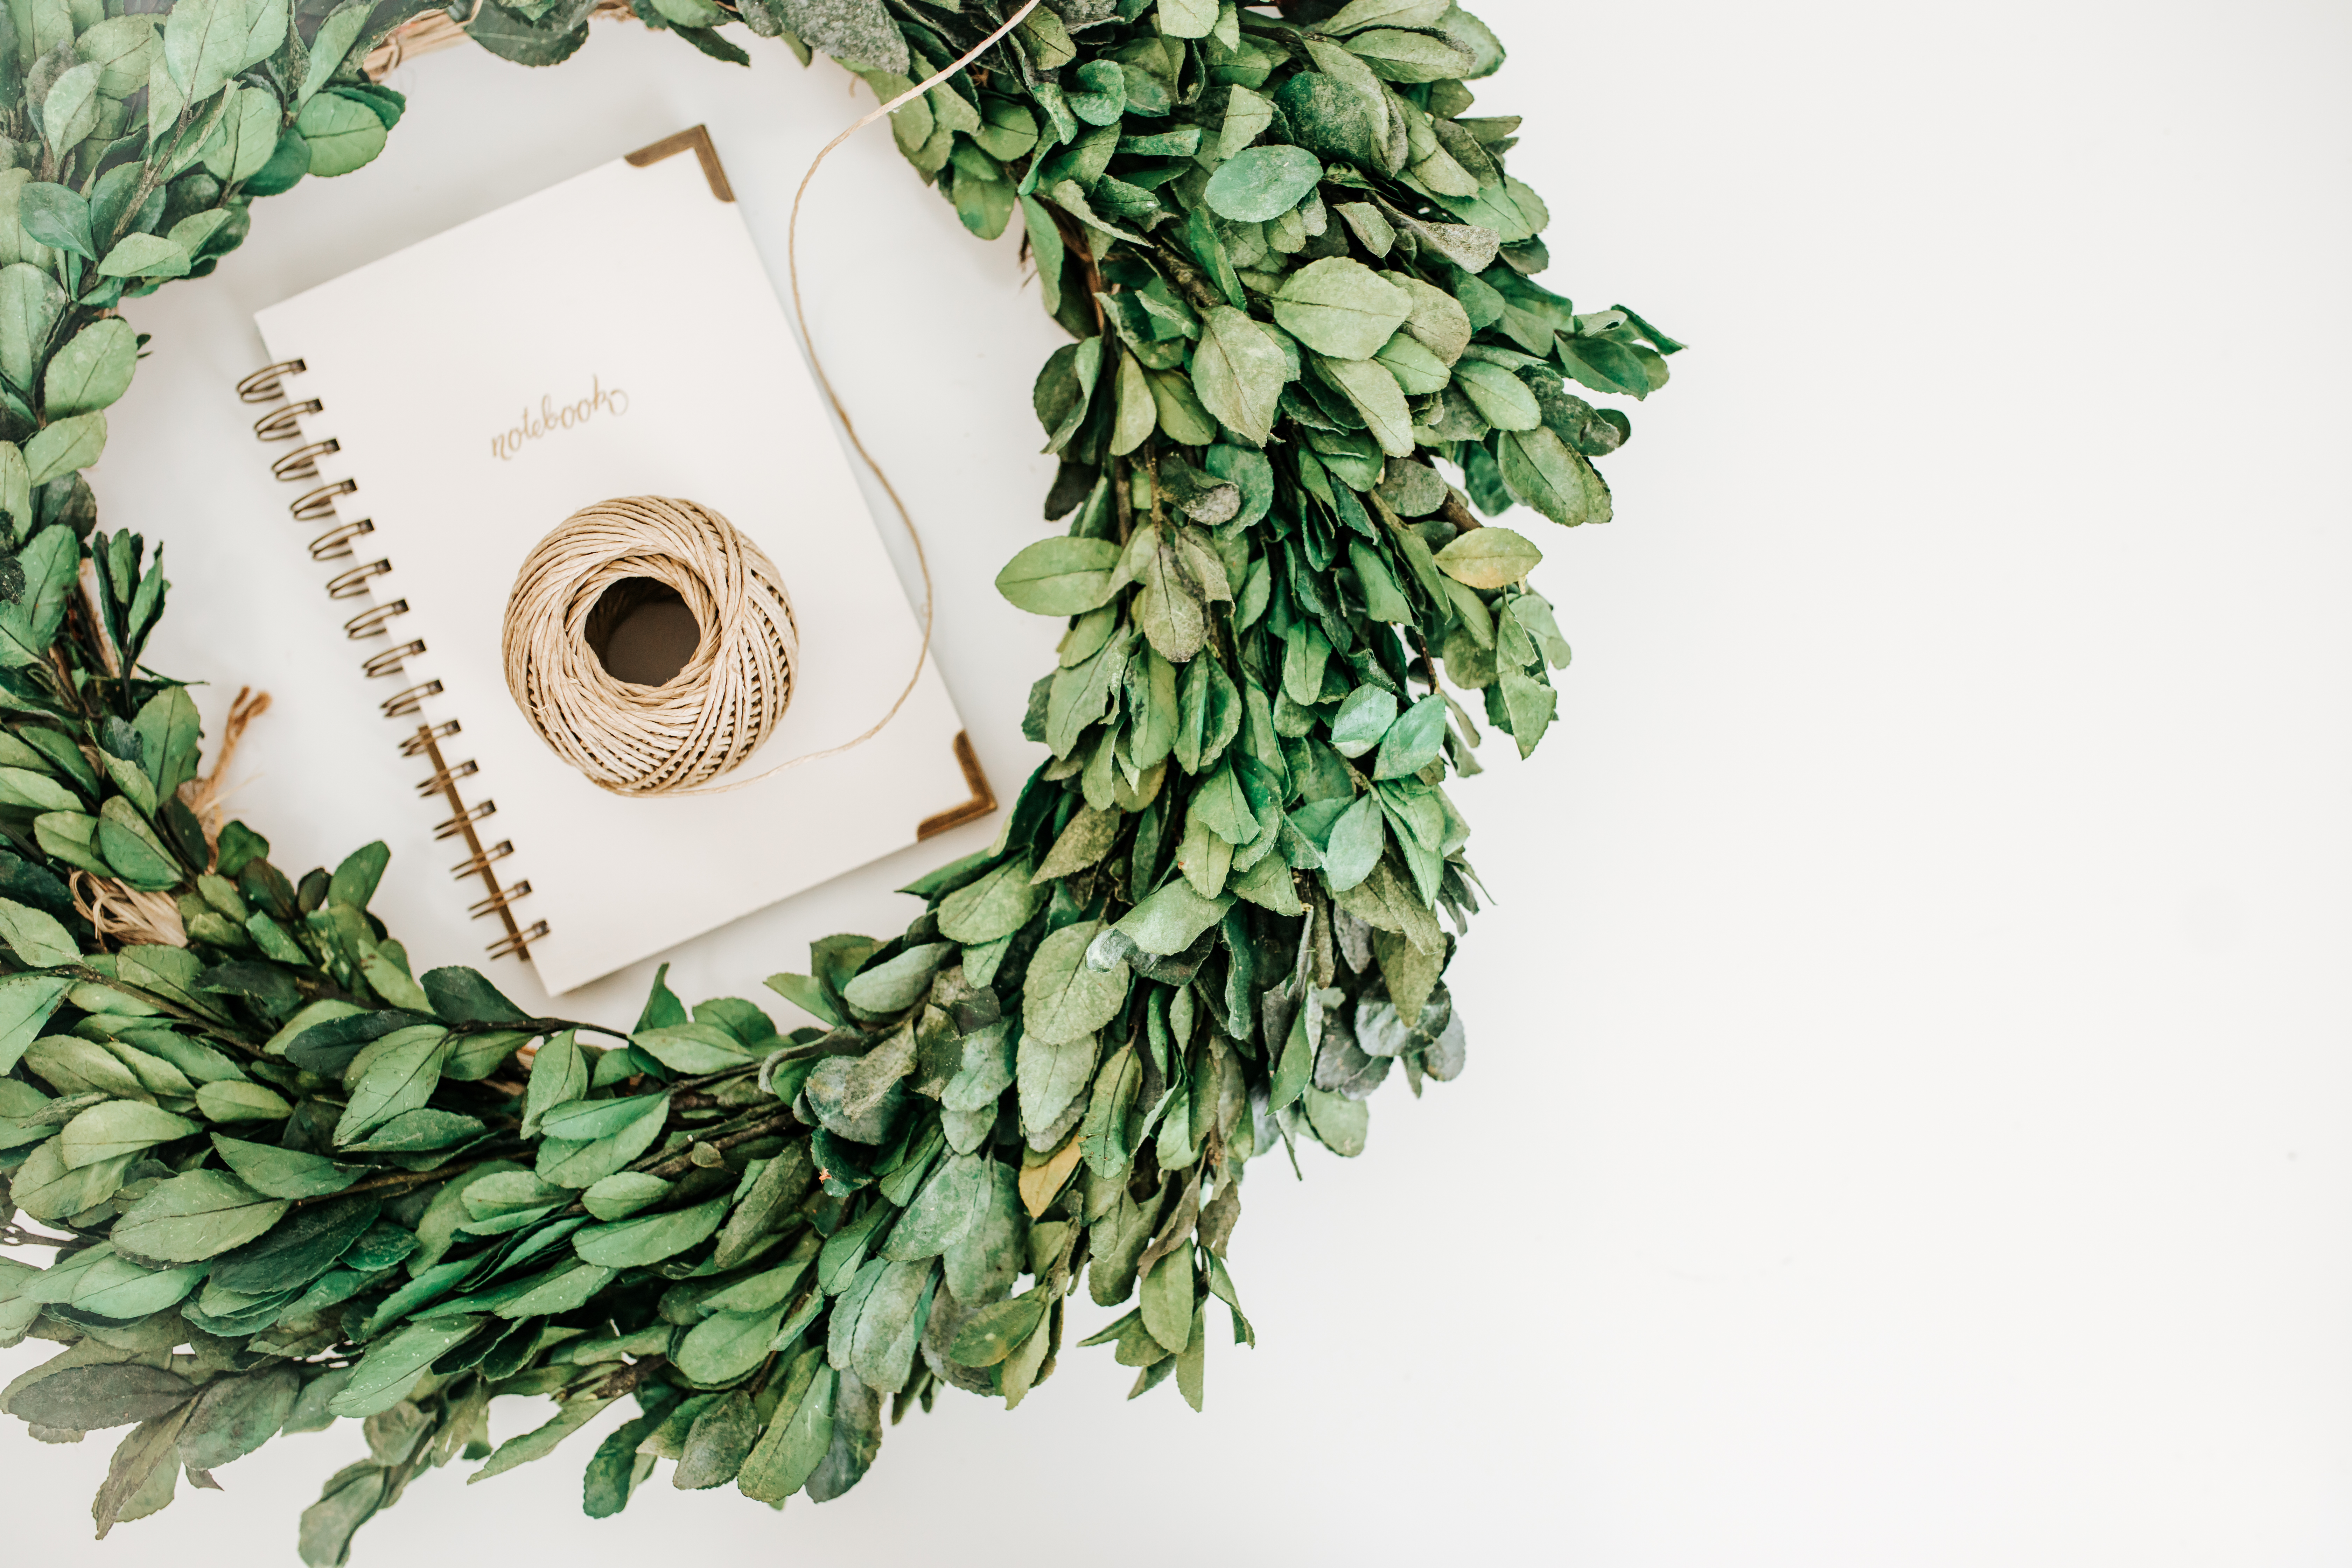 Koffie date- LevensFoto afspraak